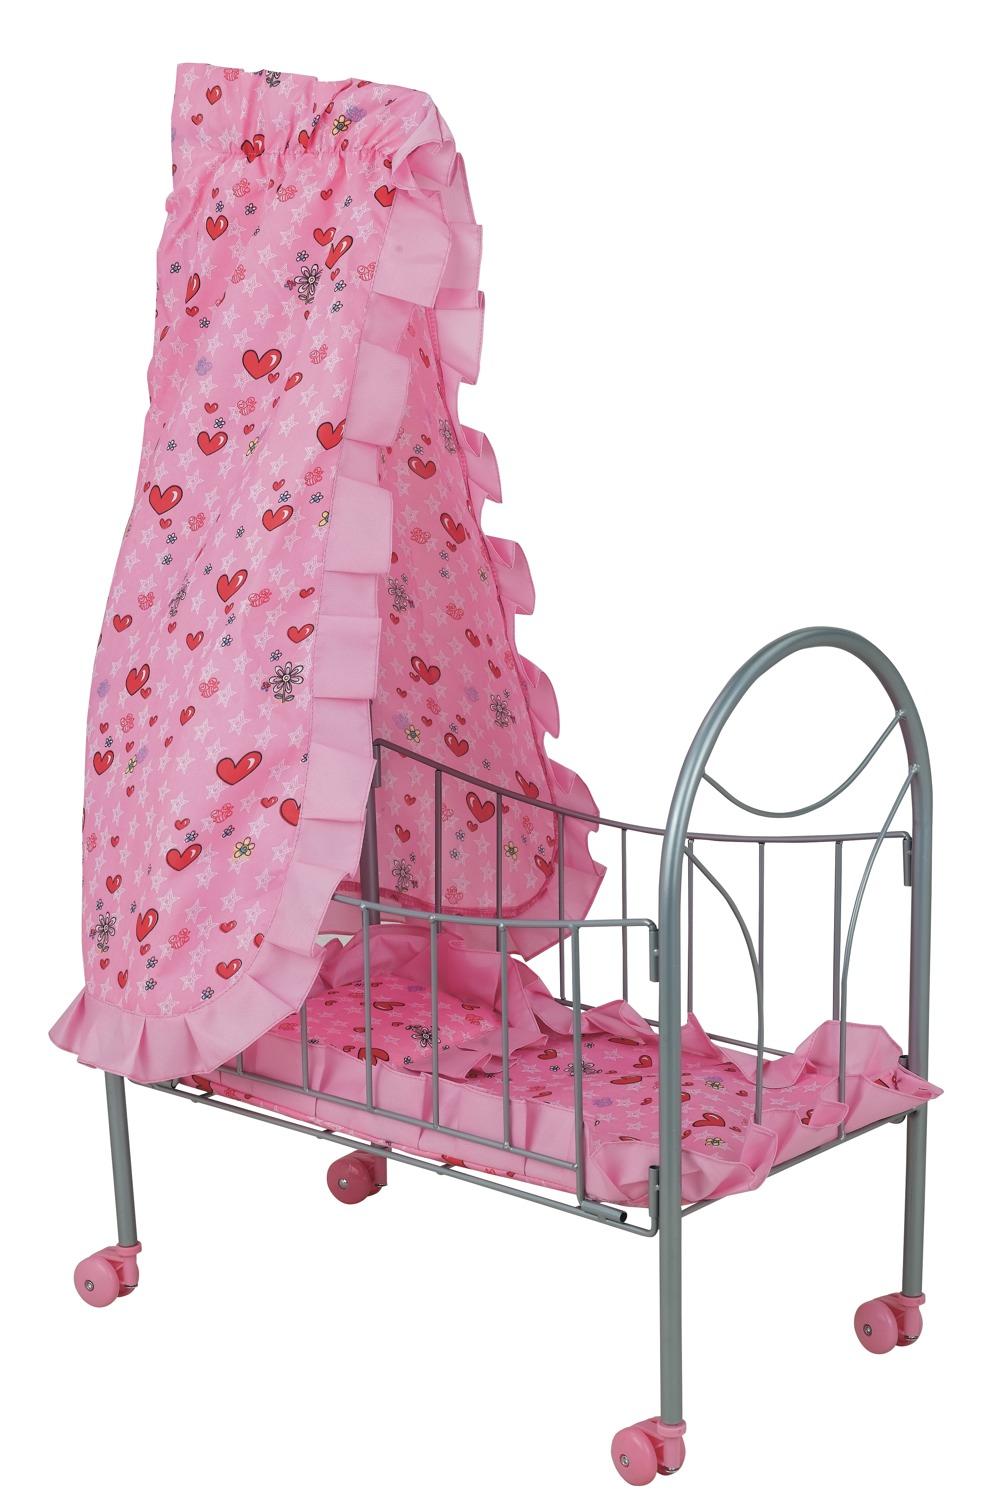 Кроватка для кукол с балдахиномДетские кроватки для кукол<br><br>